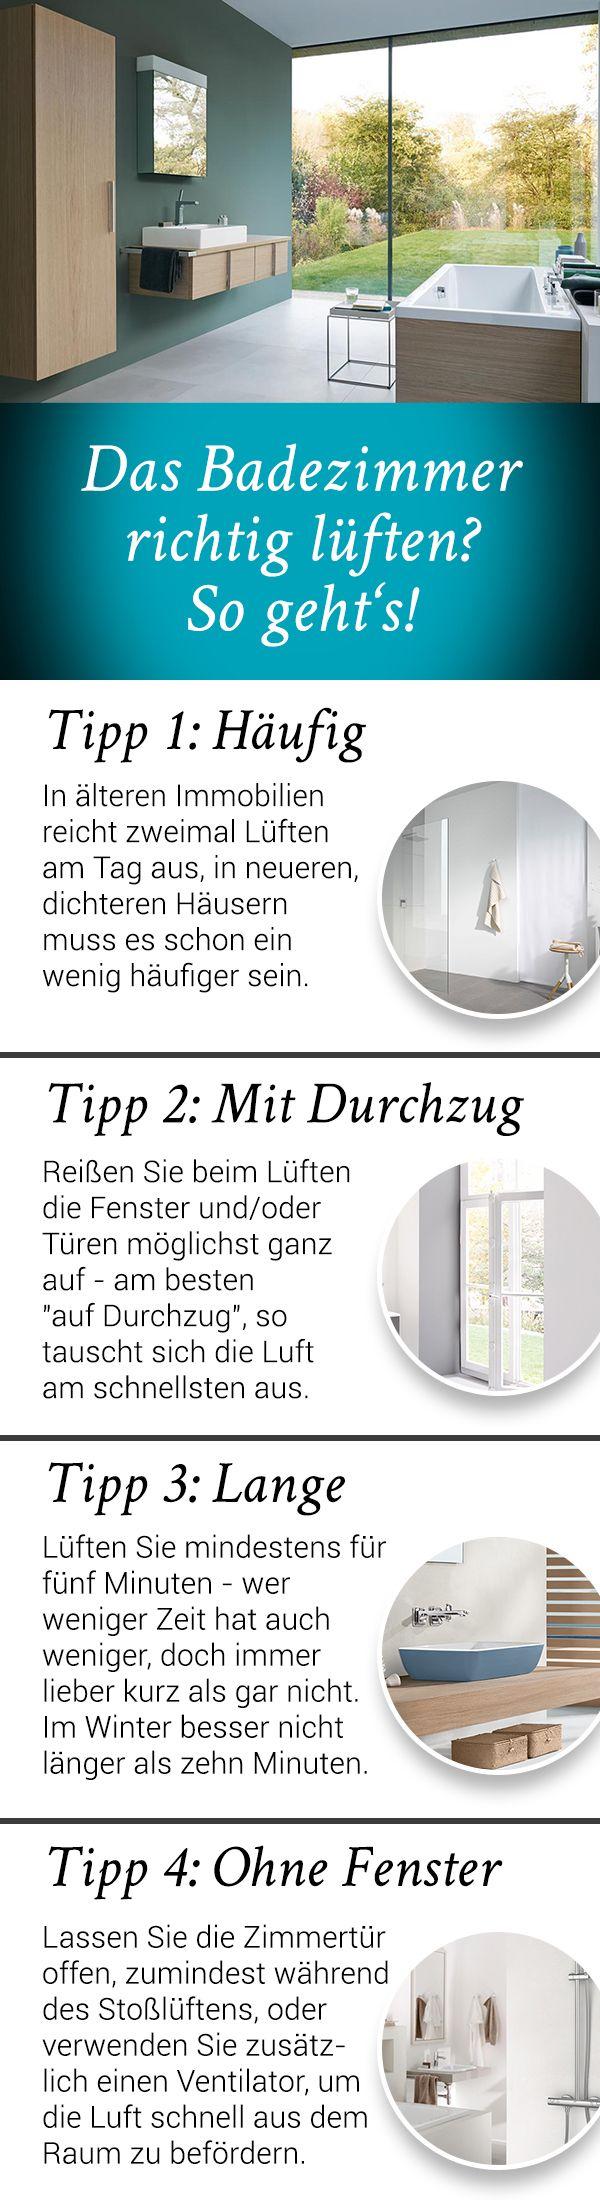 Nice Einfache Dekoration Und Mobel Raeume Richtig Lueften #10: Online Shop Für Badezimmer, Leuchten Und Möbel. Das Badezimmer Richtig Zu  Lüften ...